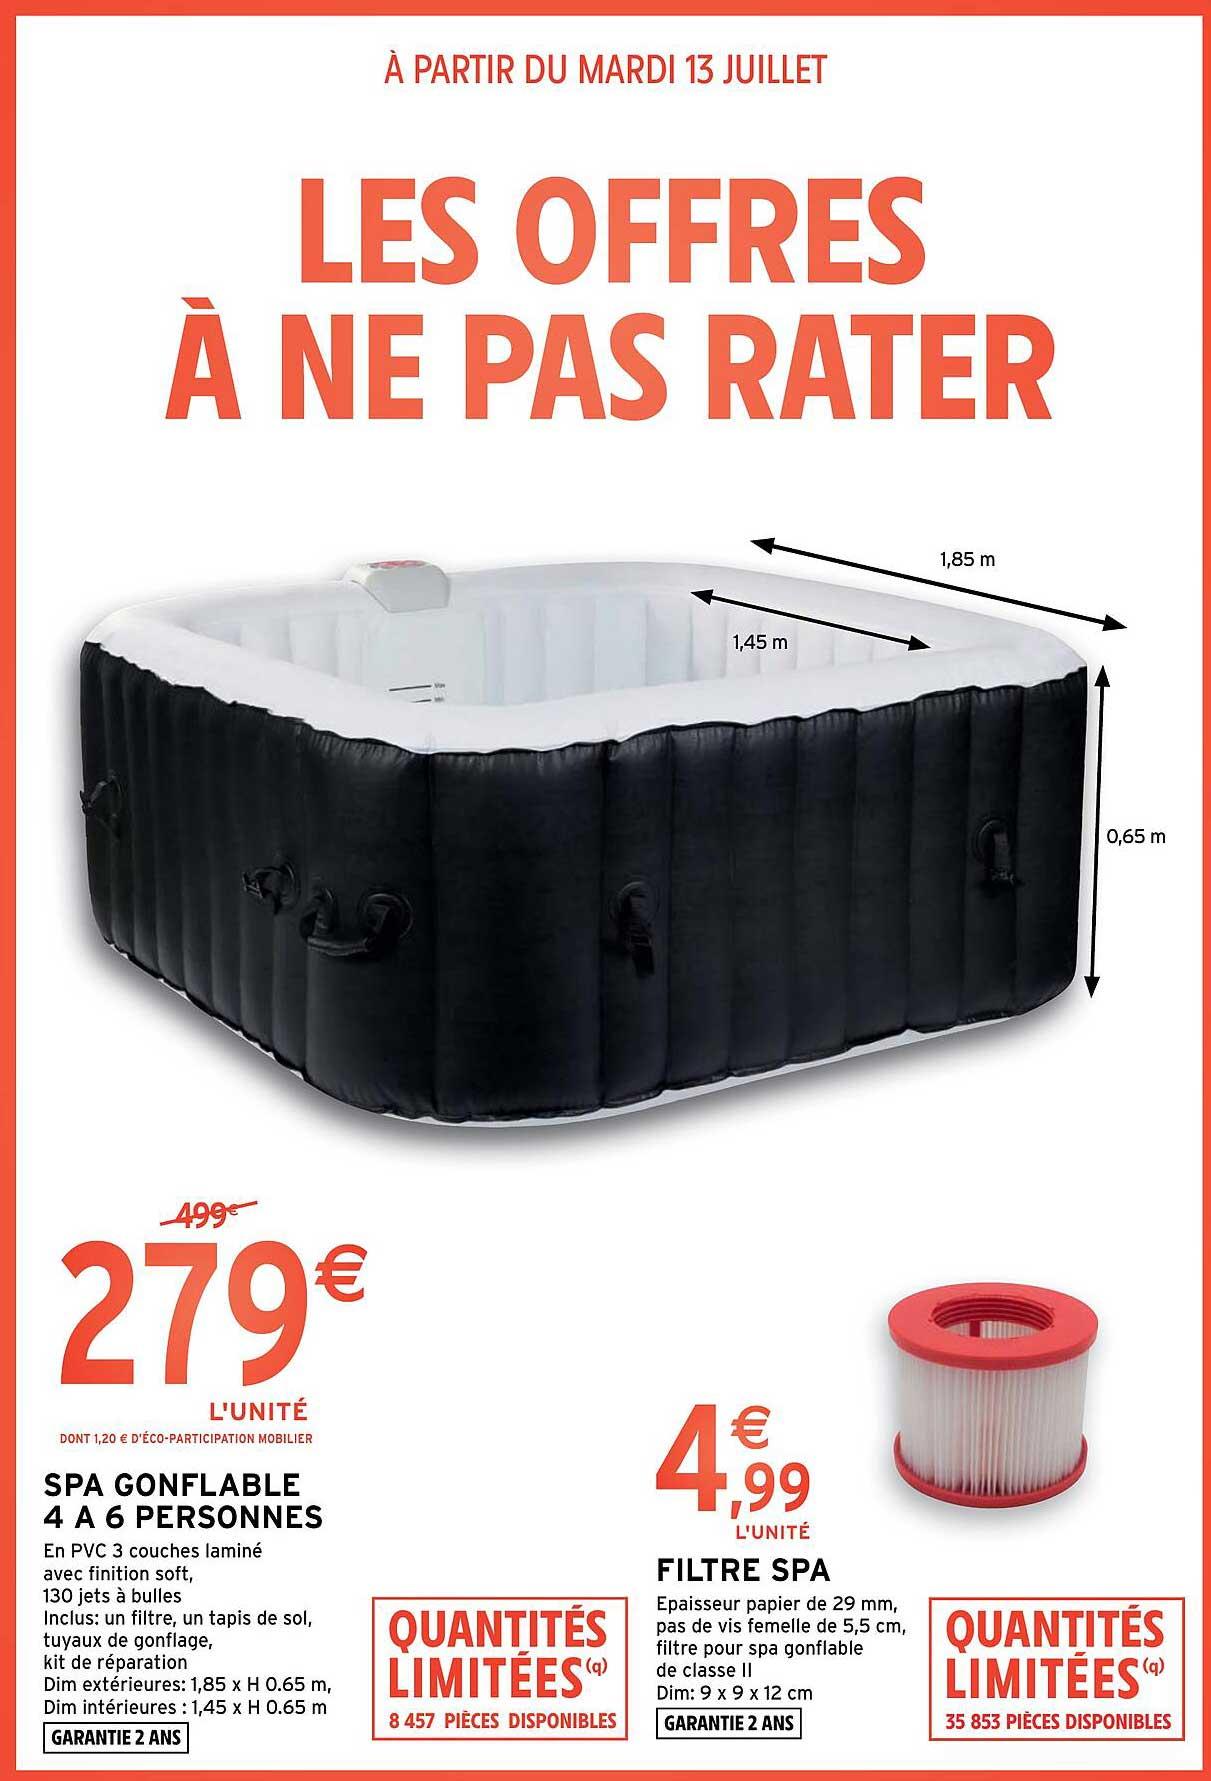 Intermarché Hyper Spa Gonflable 4 à 6 Personnes, Filtre Spa